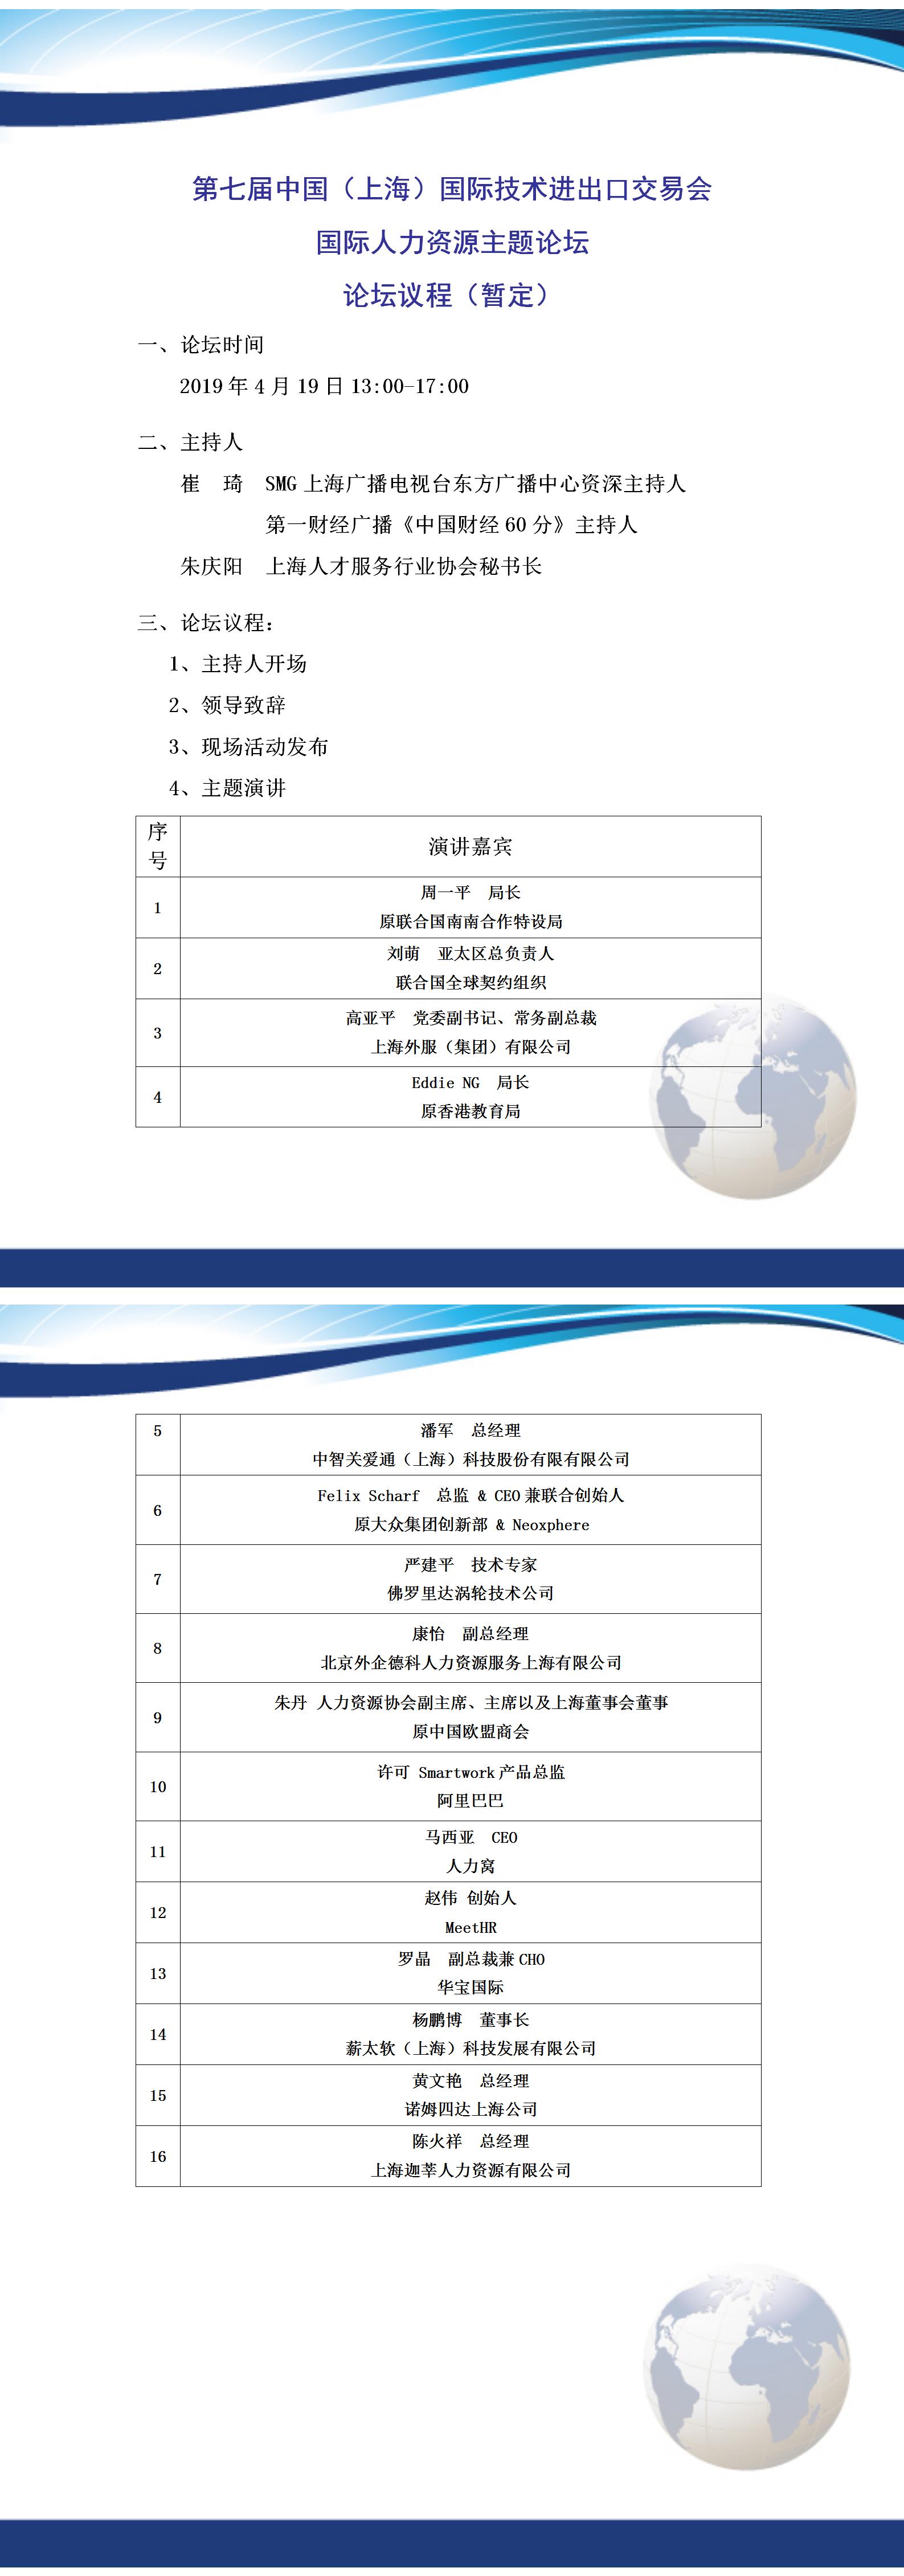 20190416上交会论坛暂定议程.png